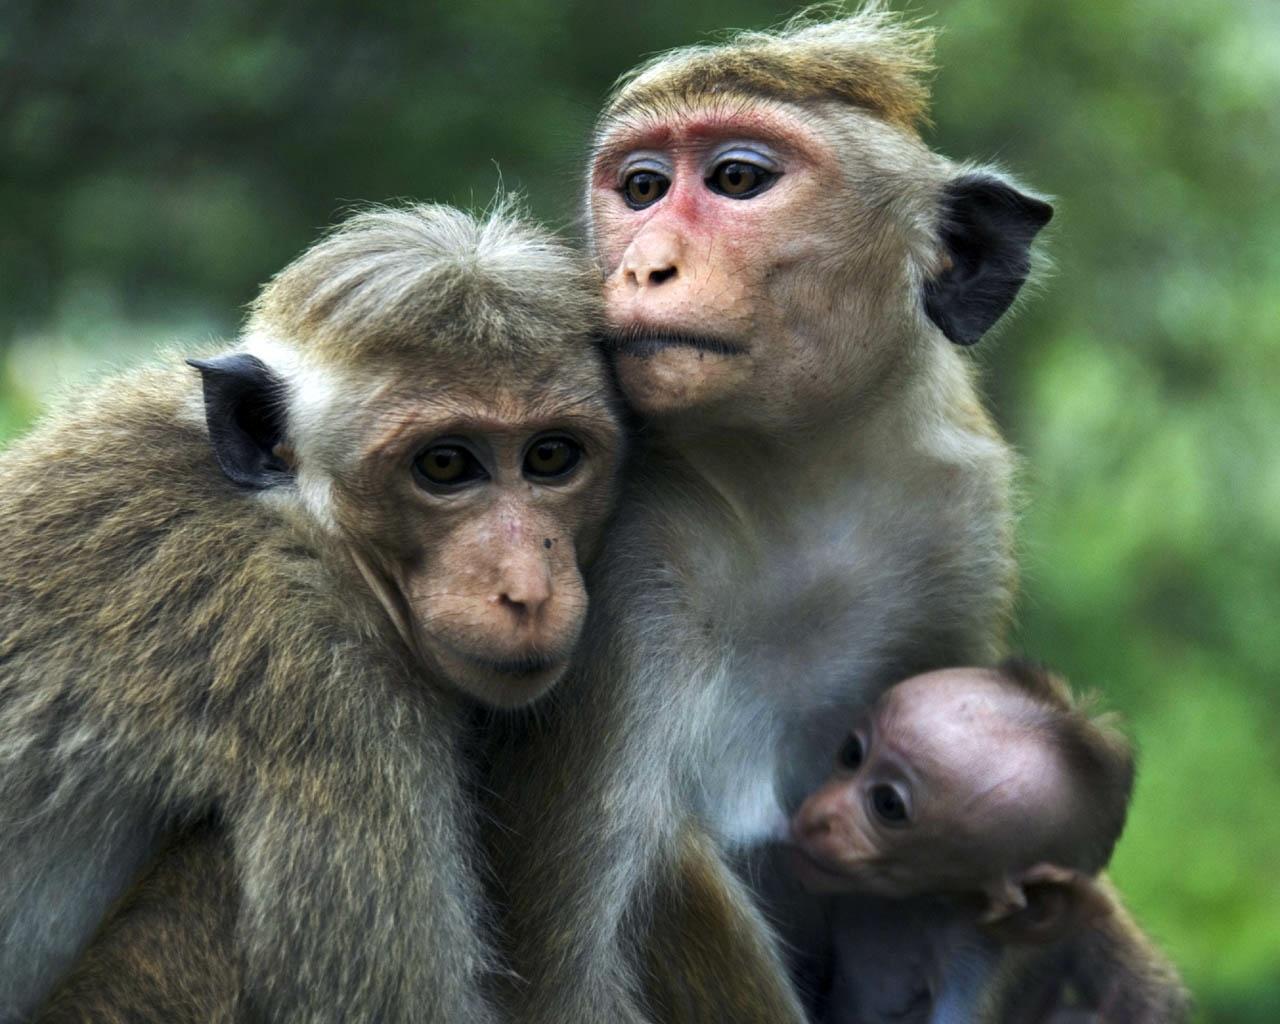 Gambar Monyet Dan Anaknya Animasi Kumpulan Gambar Kartun Monyet Yang Lucu Kolek Gambar